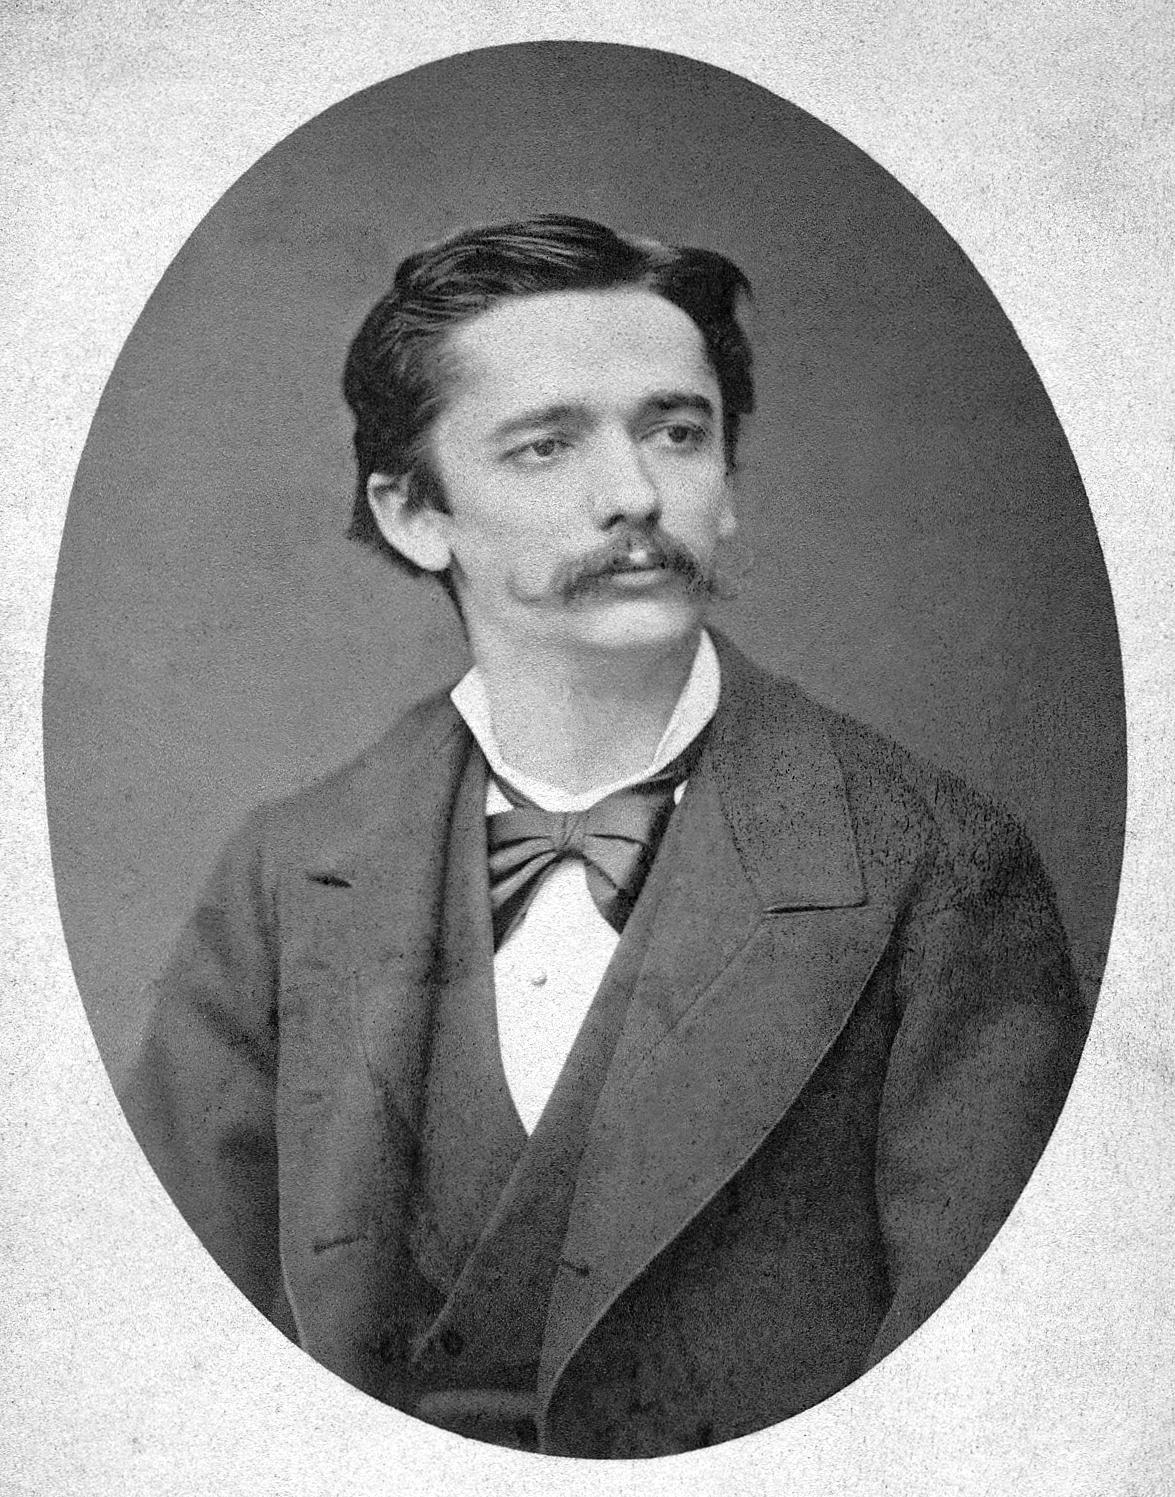 Ulrico Hoepli, italianizzazione di Johannes Ulrich Höpli (1847 – 1935)